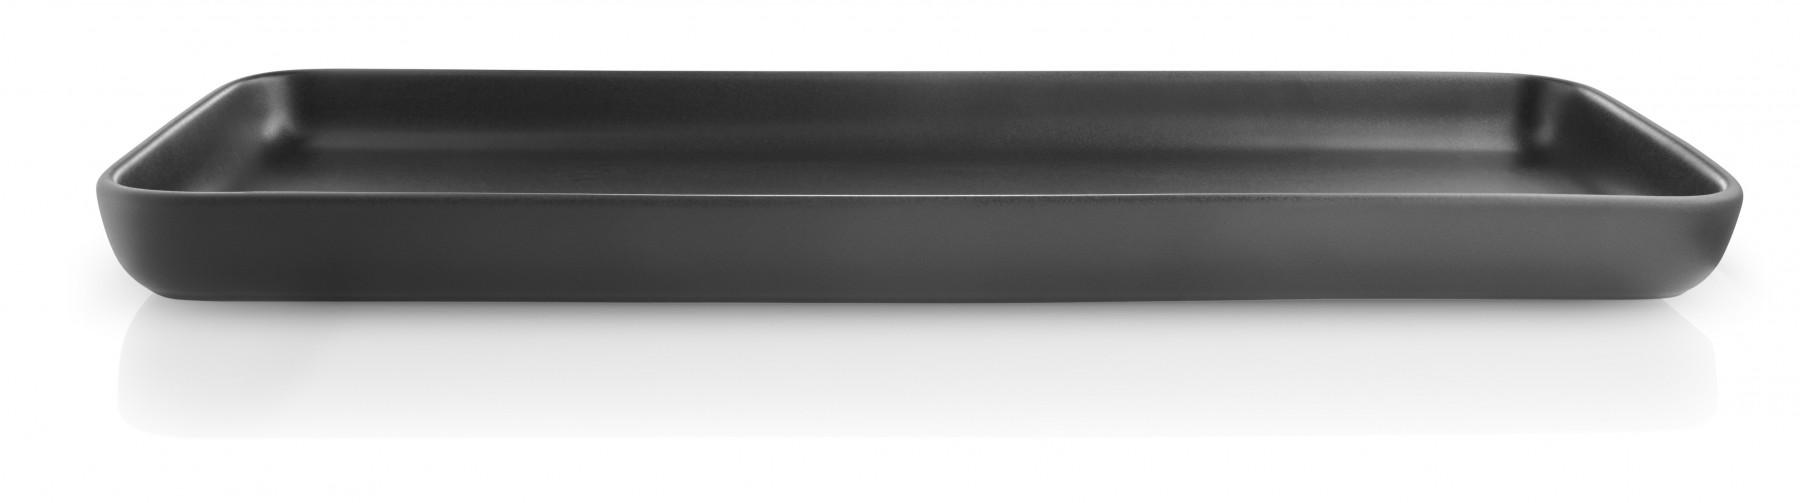 eva solo - Servierplatte - 13x37cm, 502778, 5706631201605